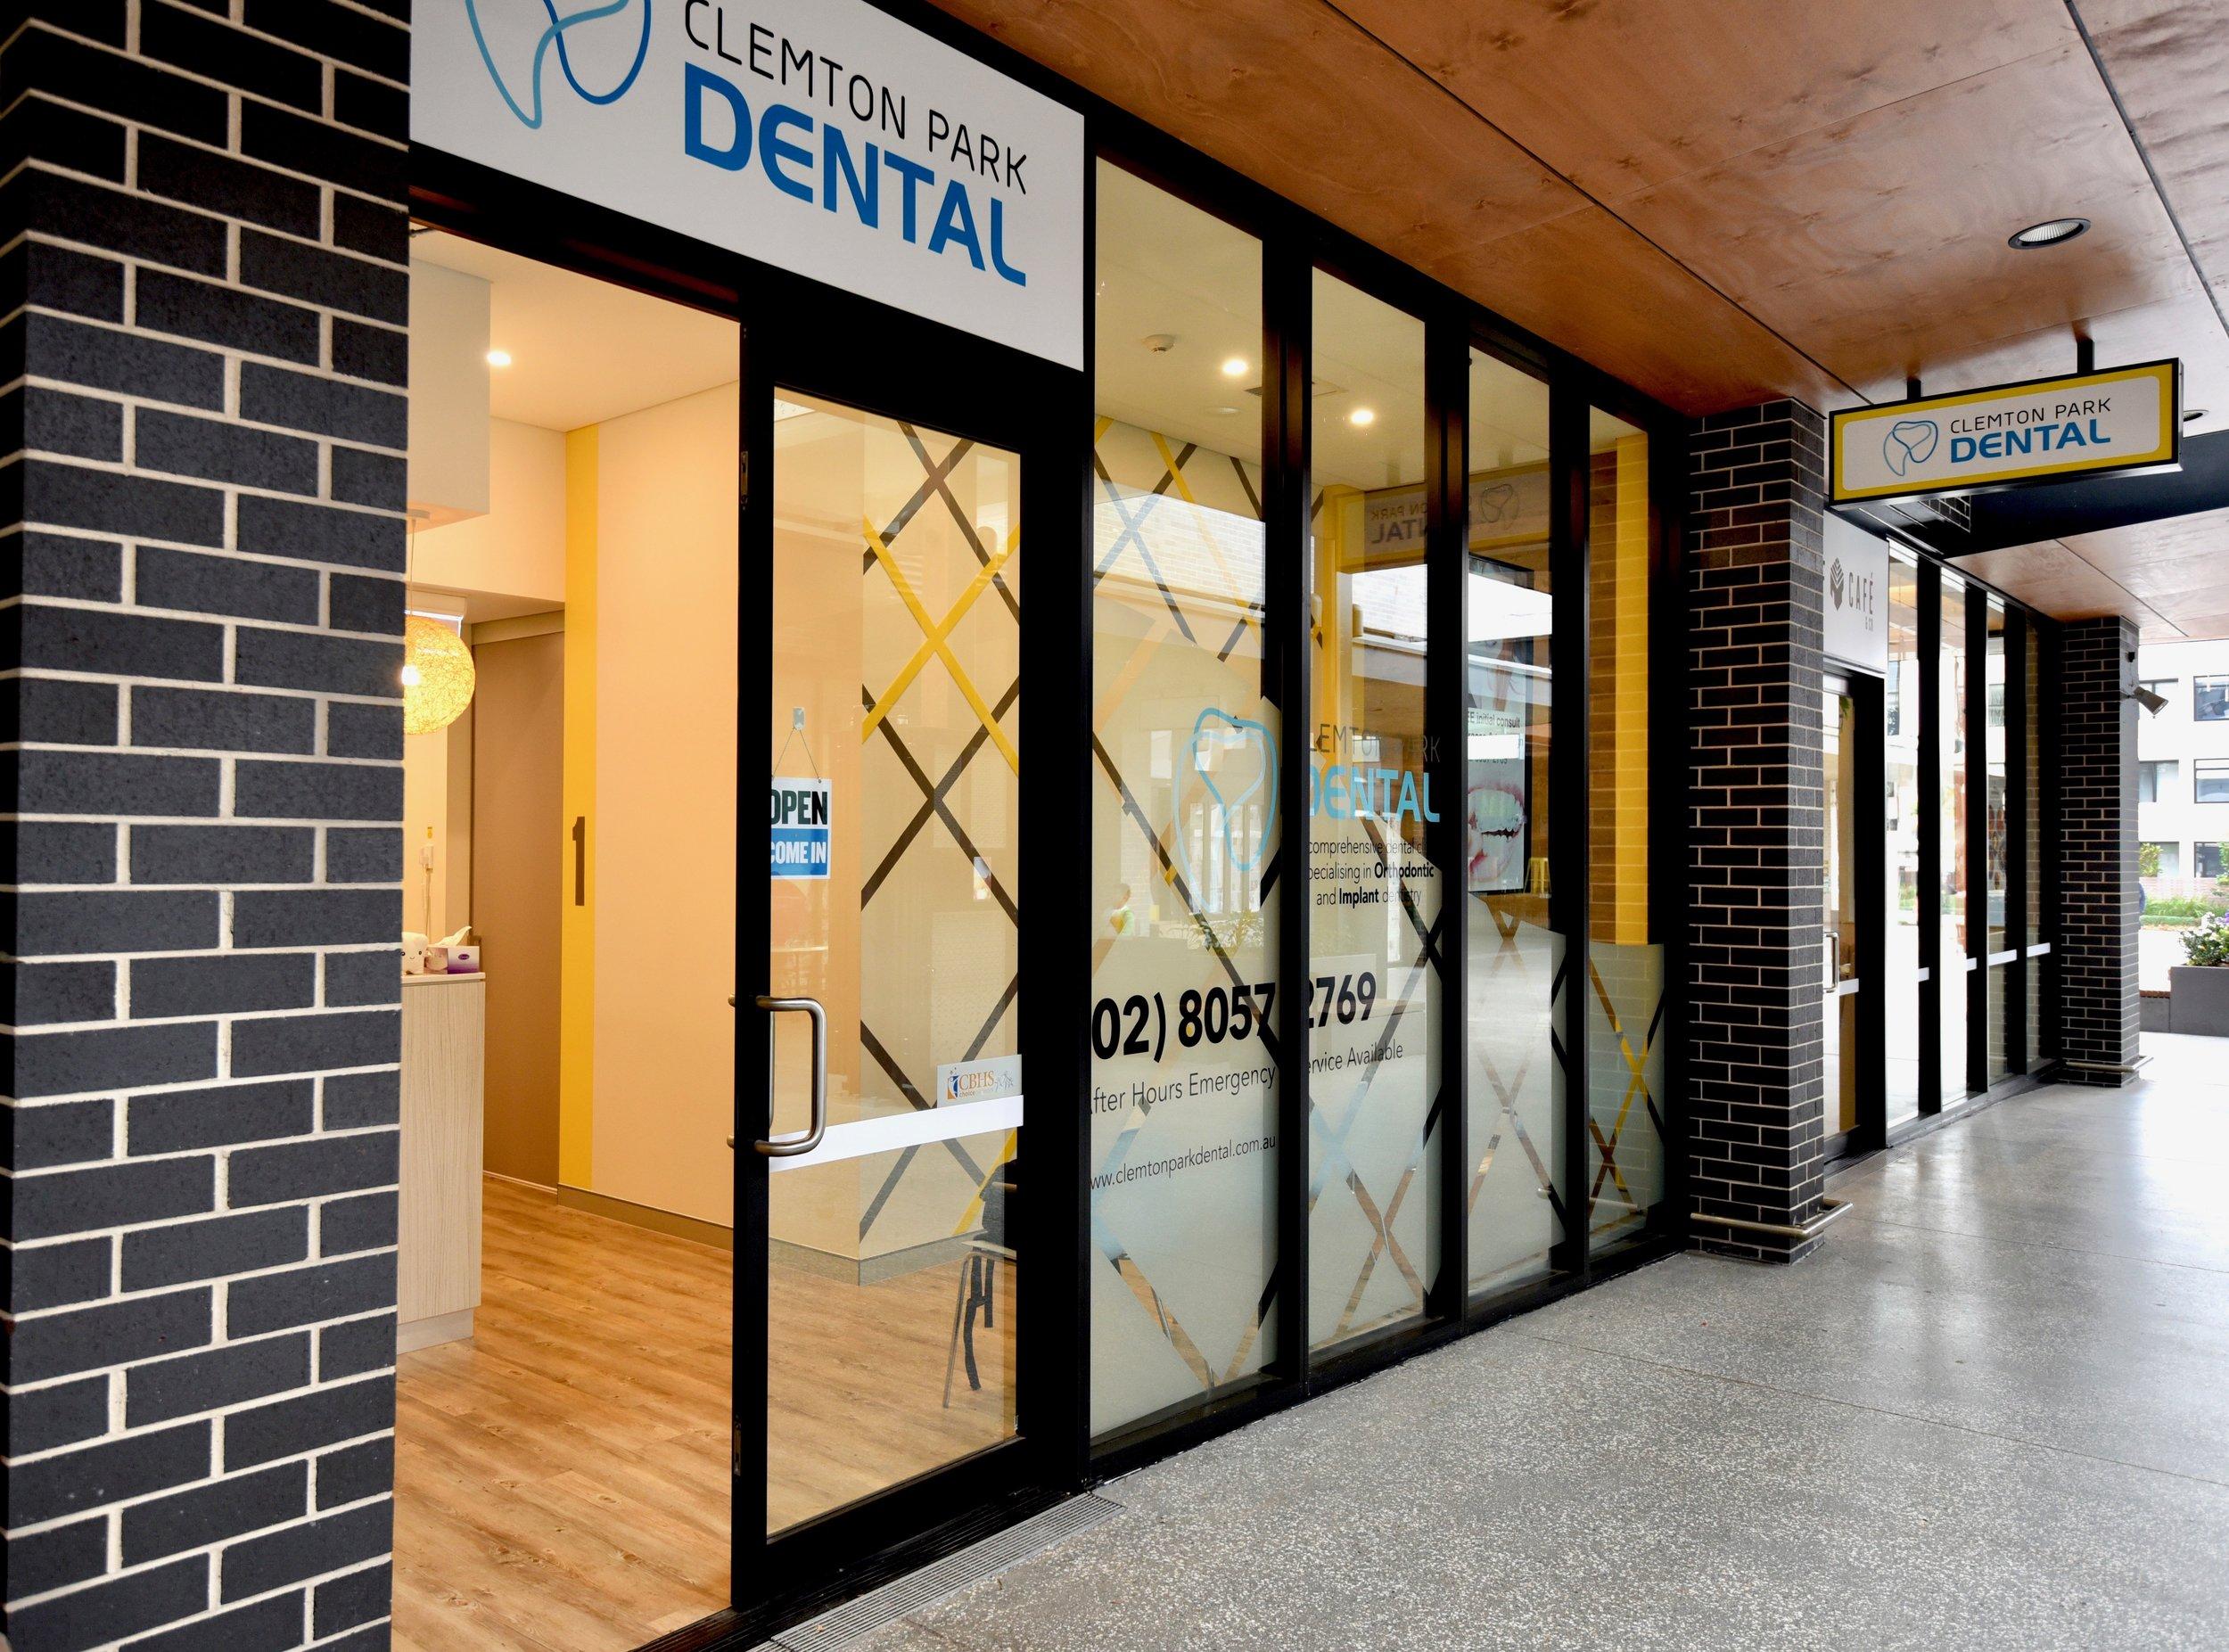 Dental Fitout Clempton Park